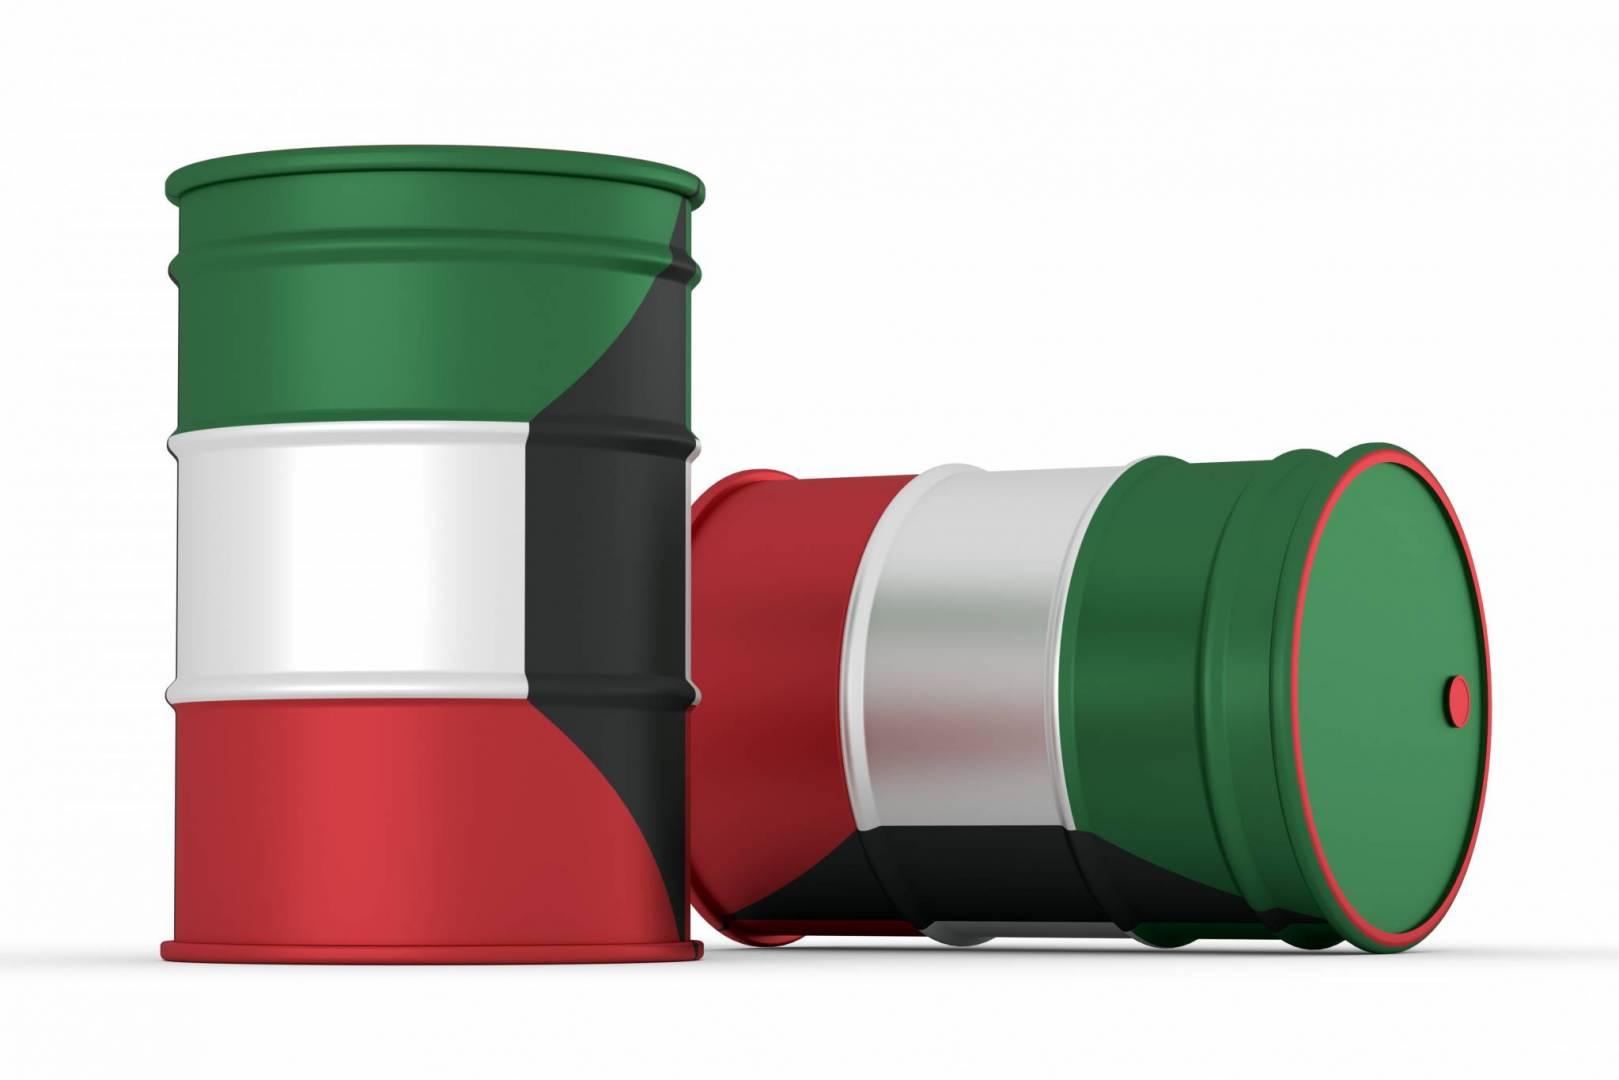 النفط الكويتي يرتفع 1.27 دولار.. ليتجاوز 28 دولاراً للبرميل